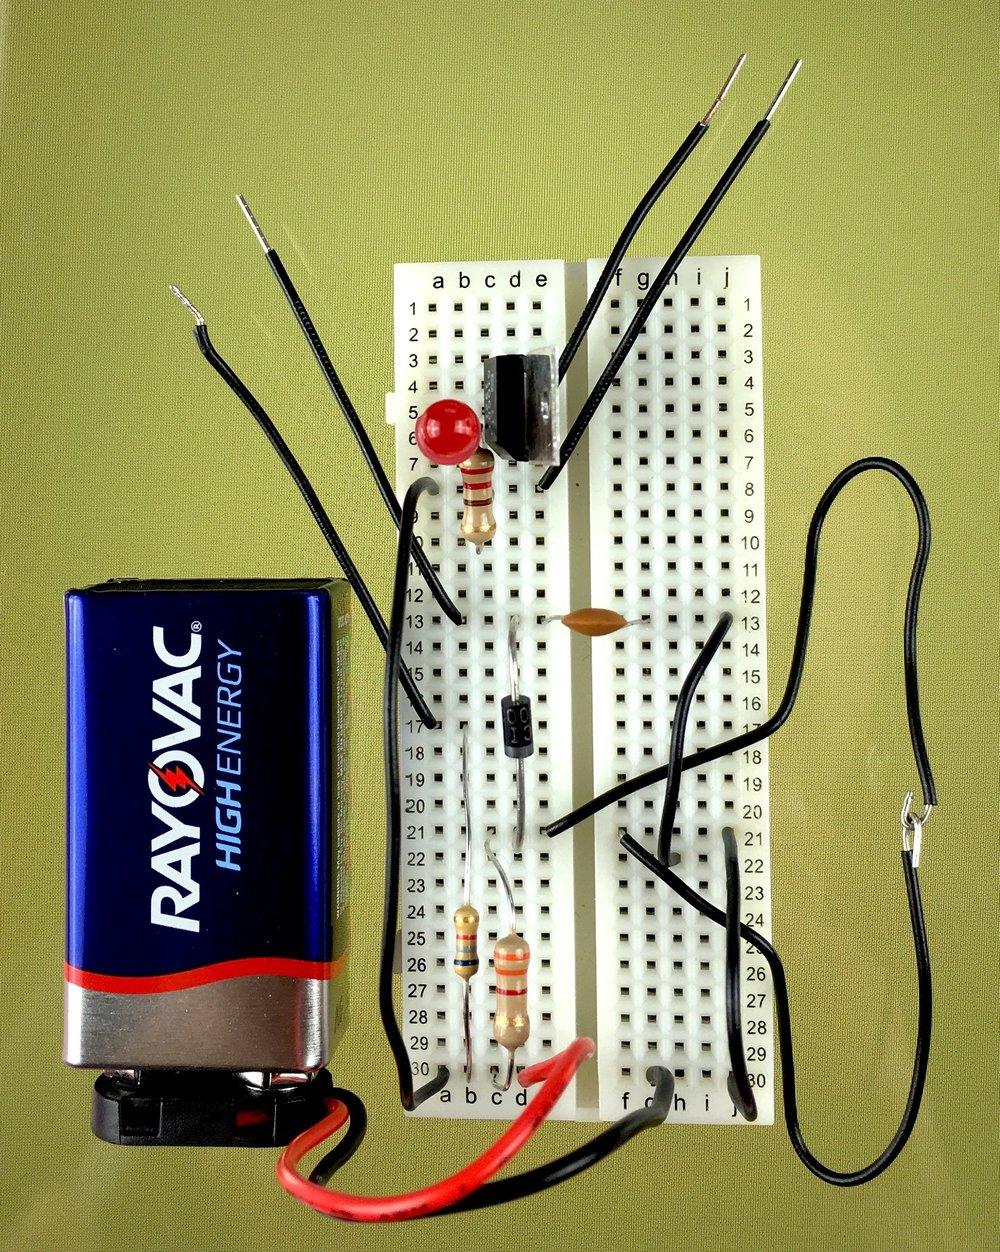 The Basics Lab 16 - Dual burglar alarm